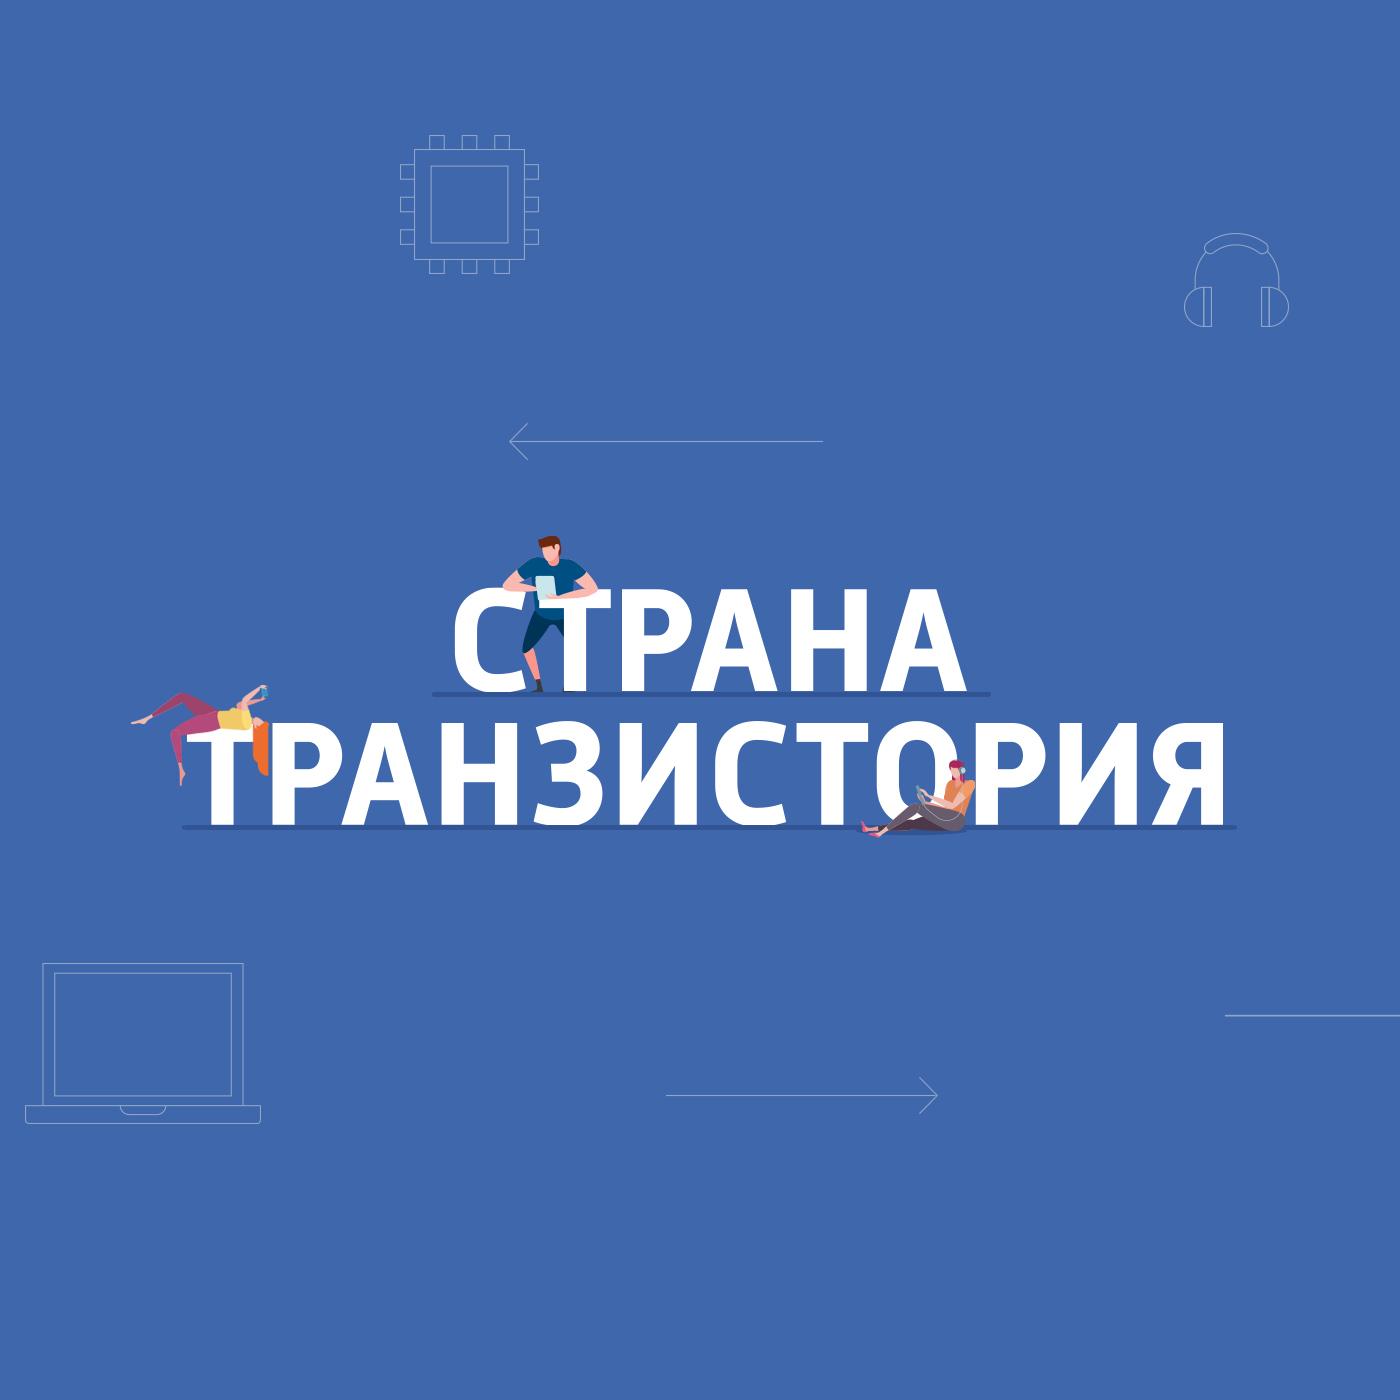 Картаев Павел «Яндекс.Маркет» назвал главные гаджеты за последние 10 лет